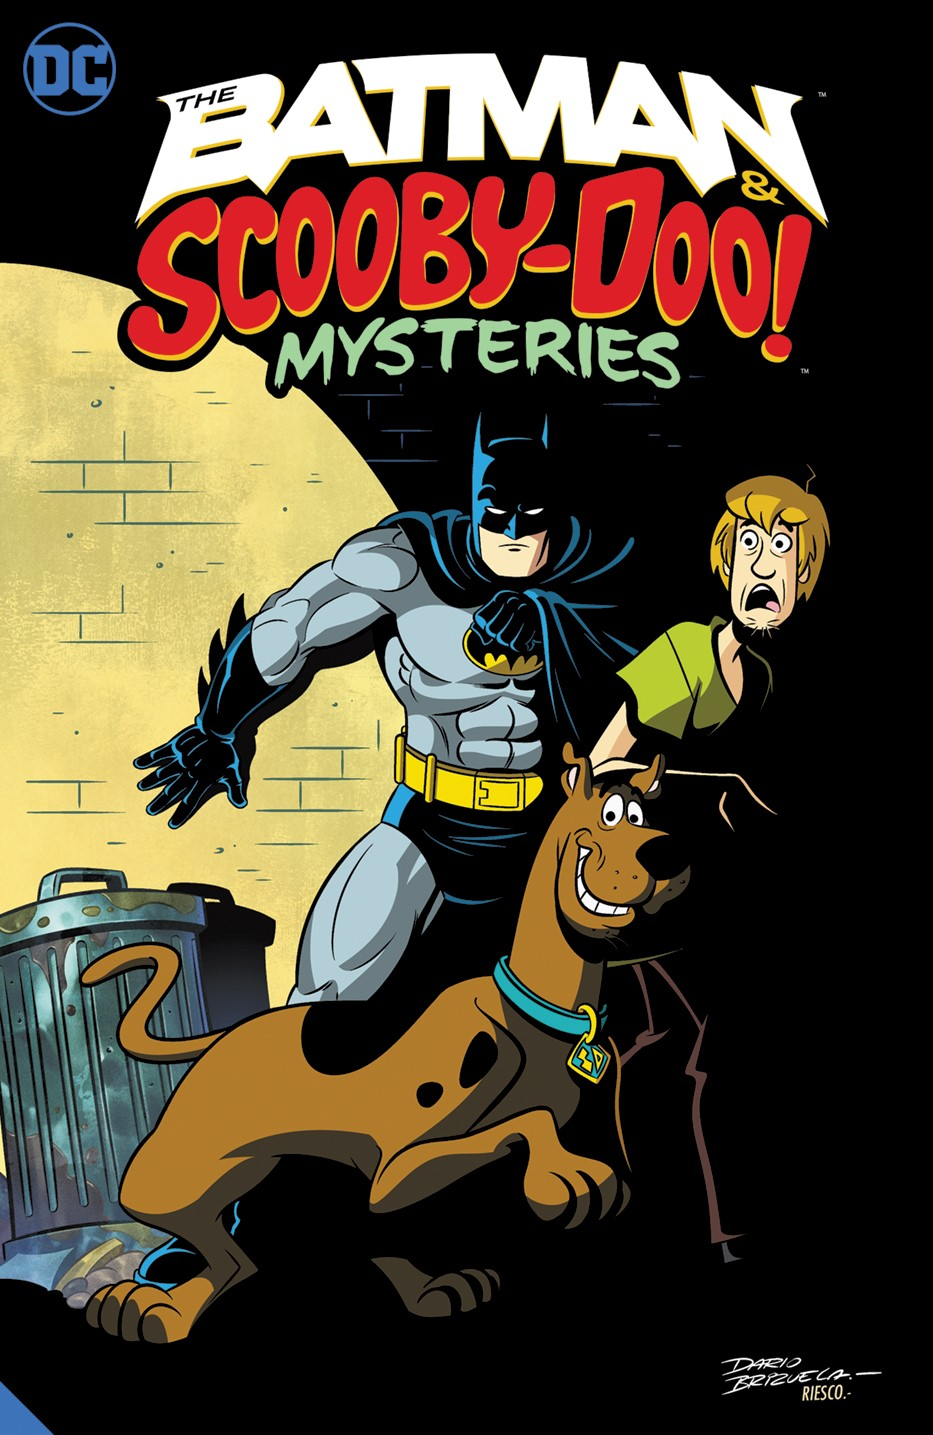 thebatmanscoobydoomysteries_adv DC Comics October 2021 Solicitations